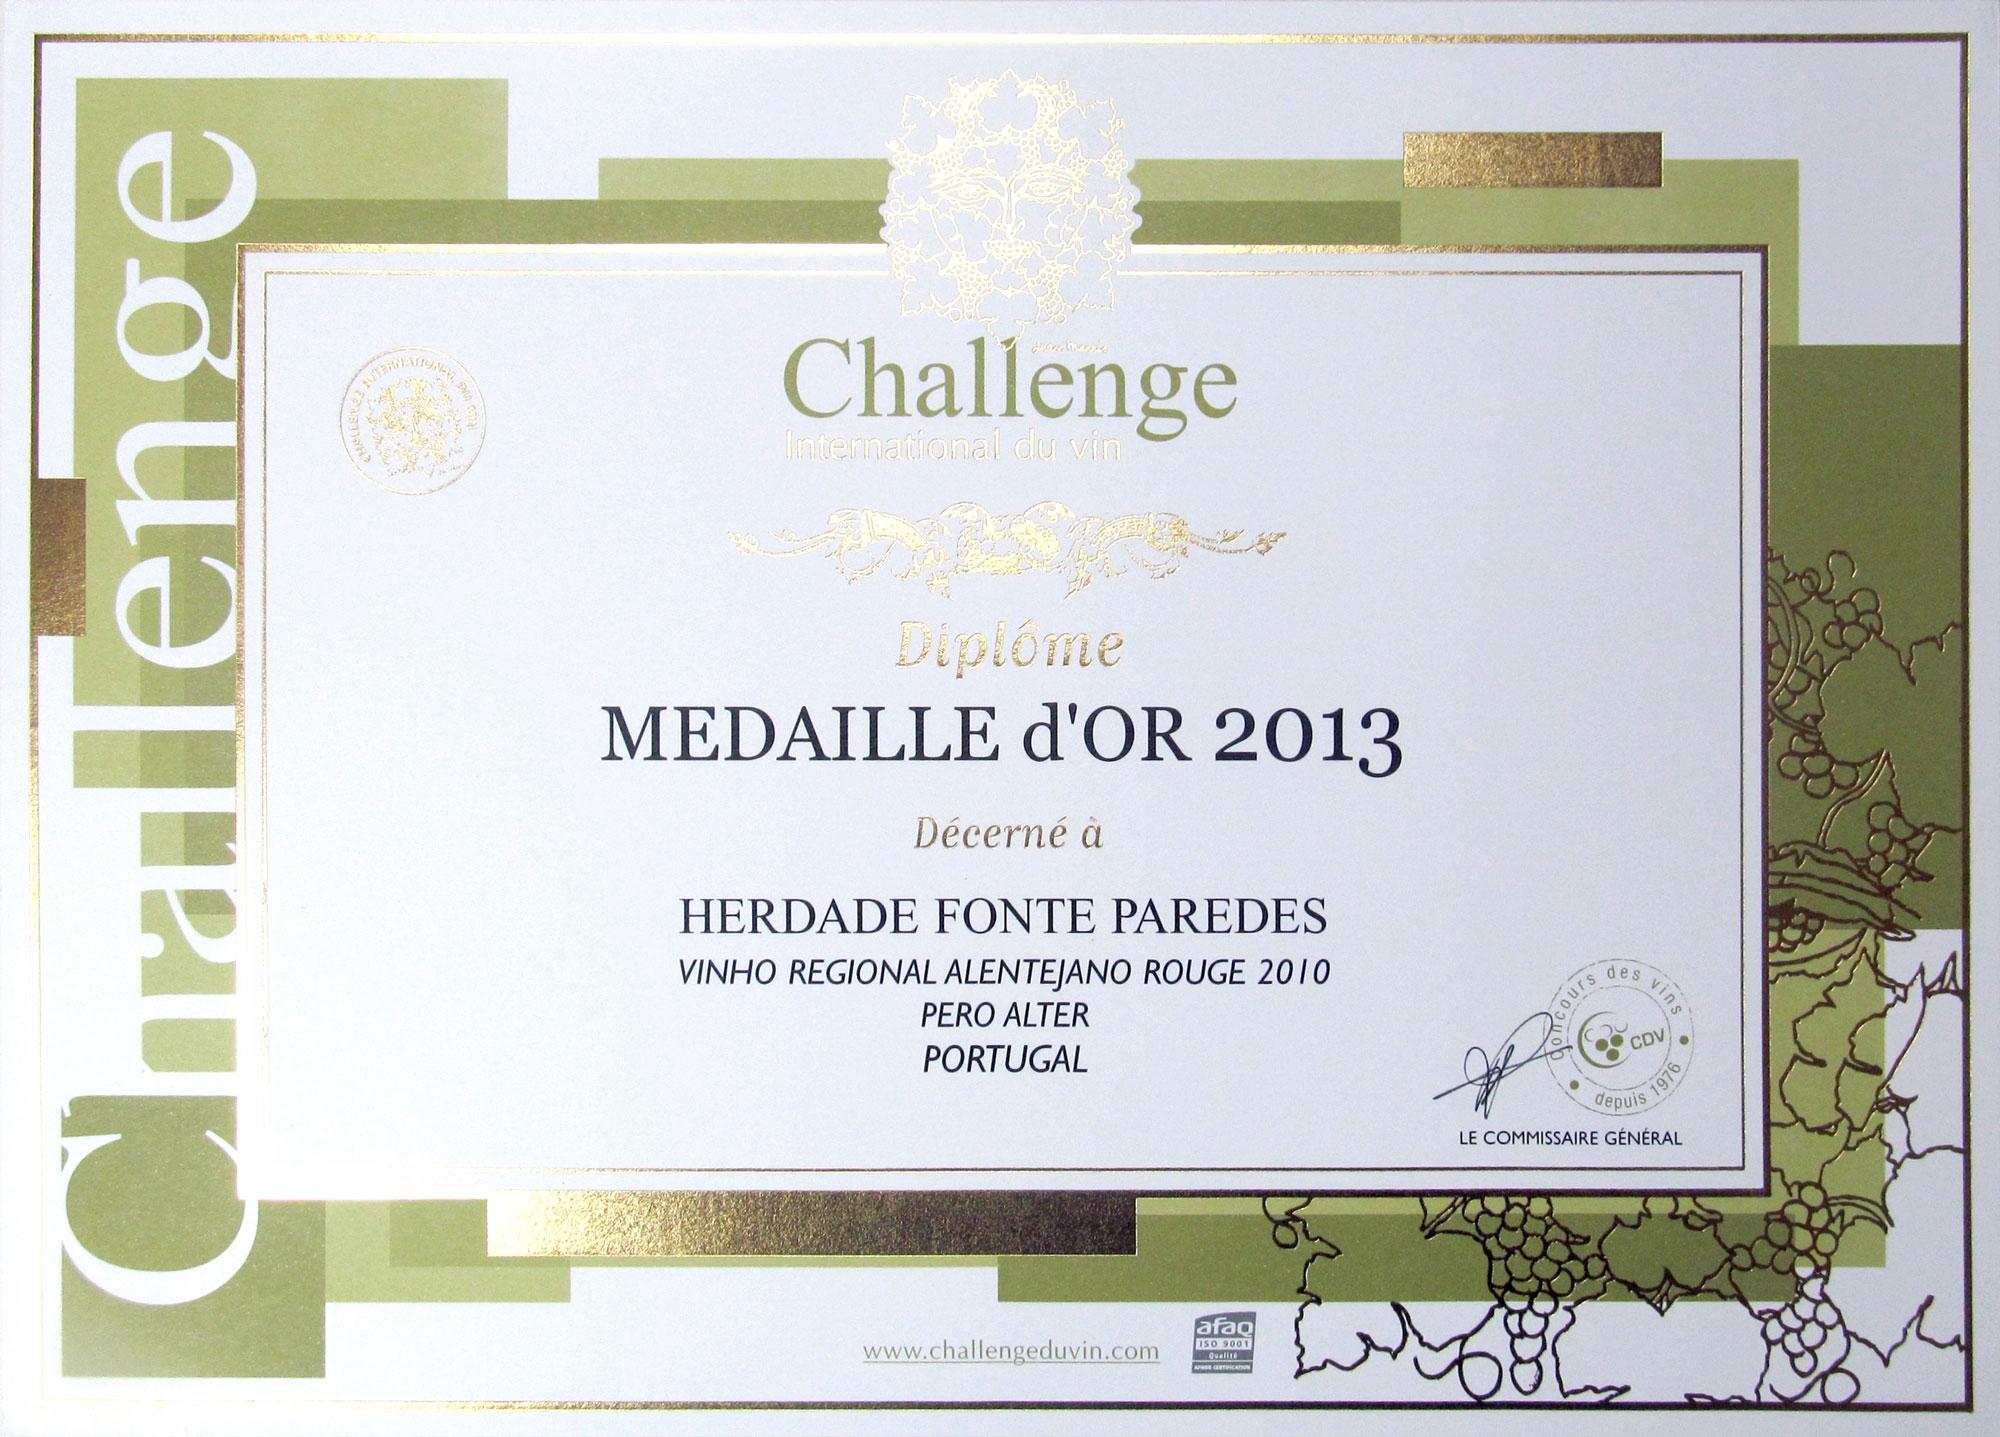 Medalha de ouro 2013